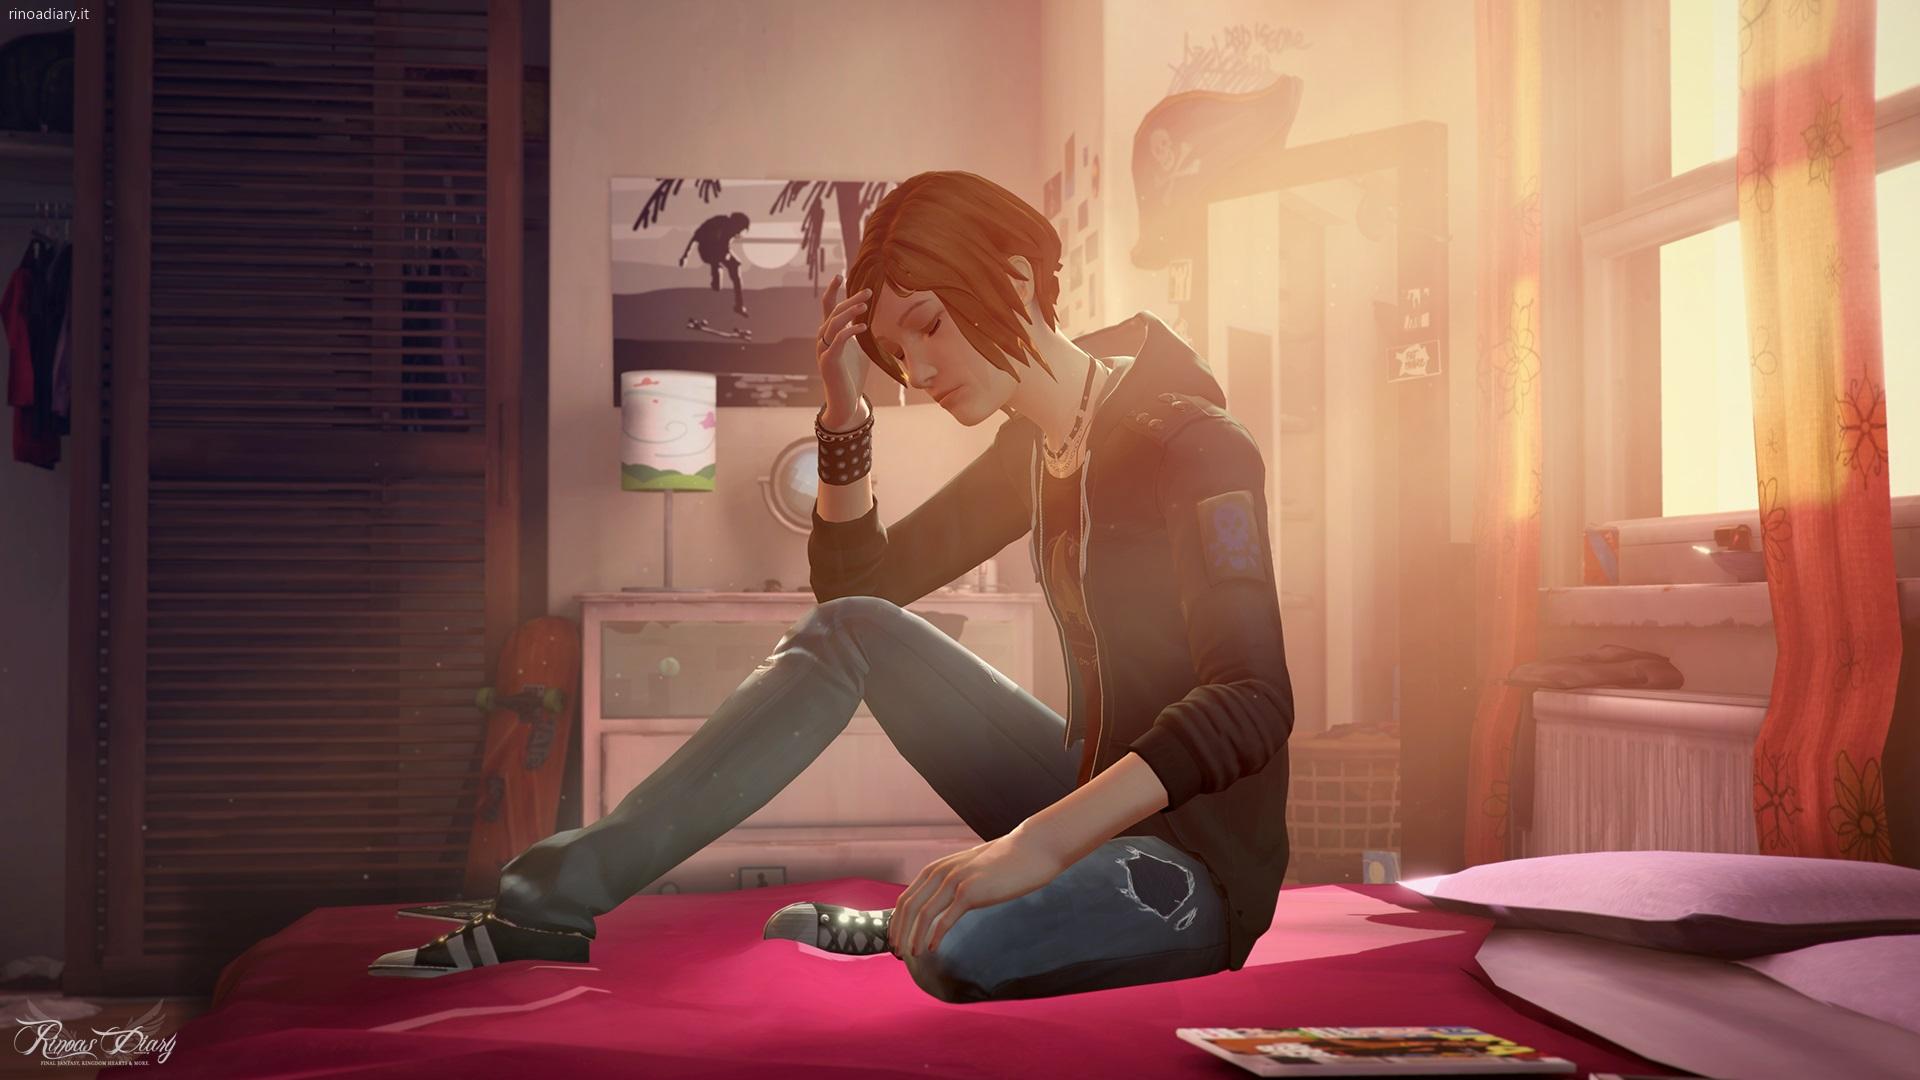 L'Episodio 3 di Life is Strange: Before the Storm arriverà molto presto, domani il trailer!